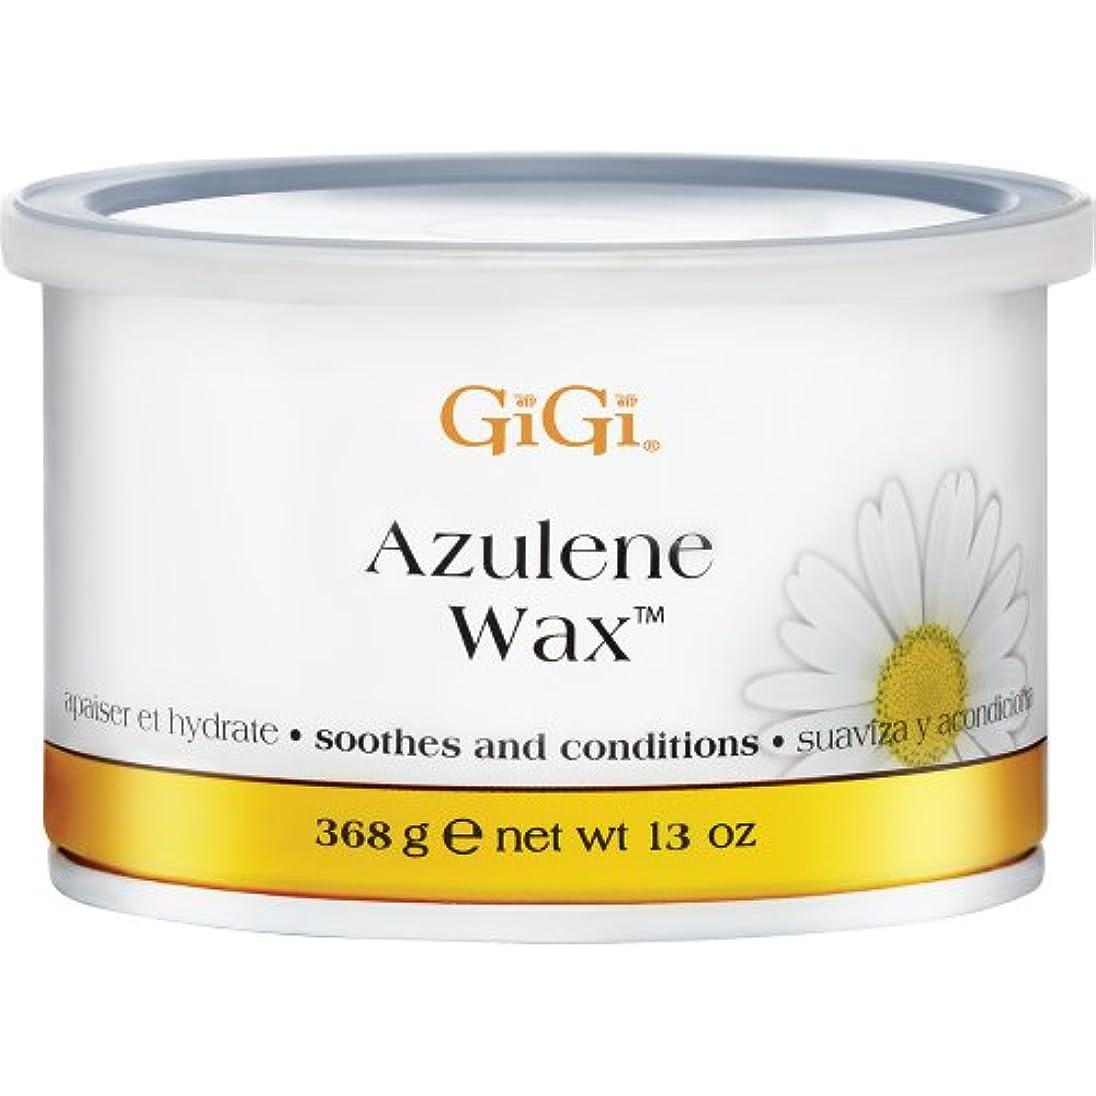 幸運なことにパーツディスカウントGiGi Azulene Wax Soothes and Conditions All Skin Types 368g by Gigi